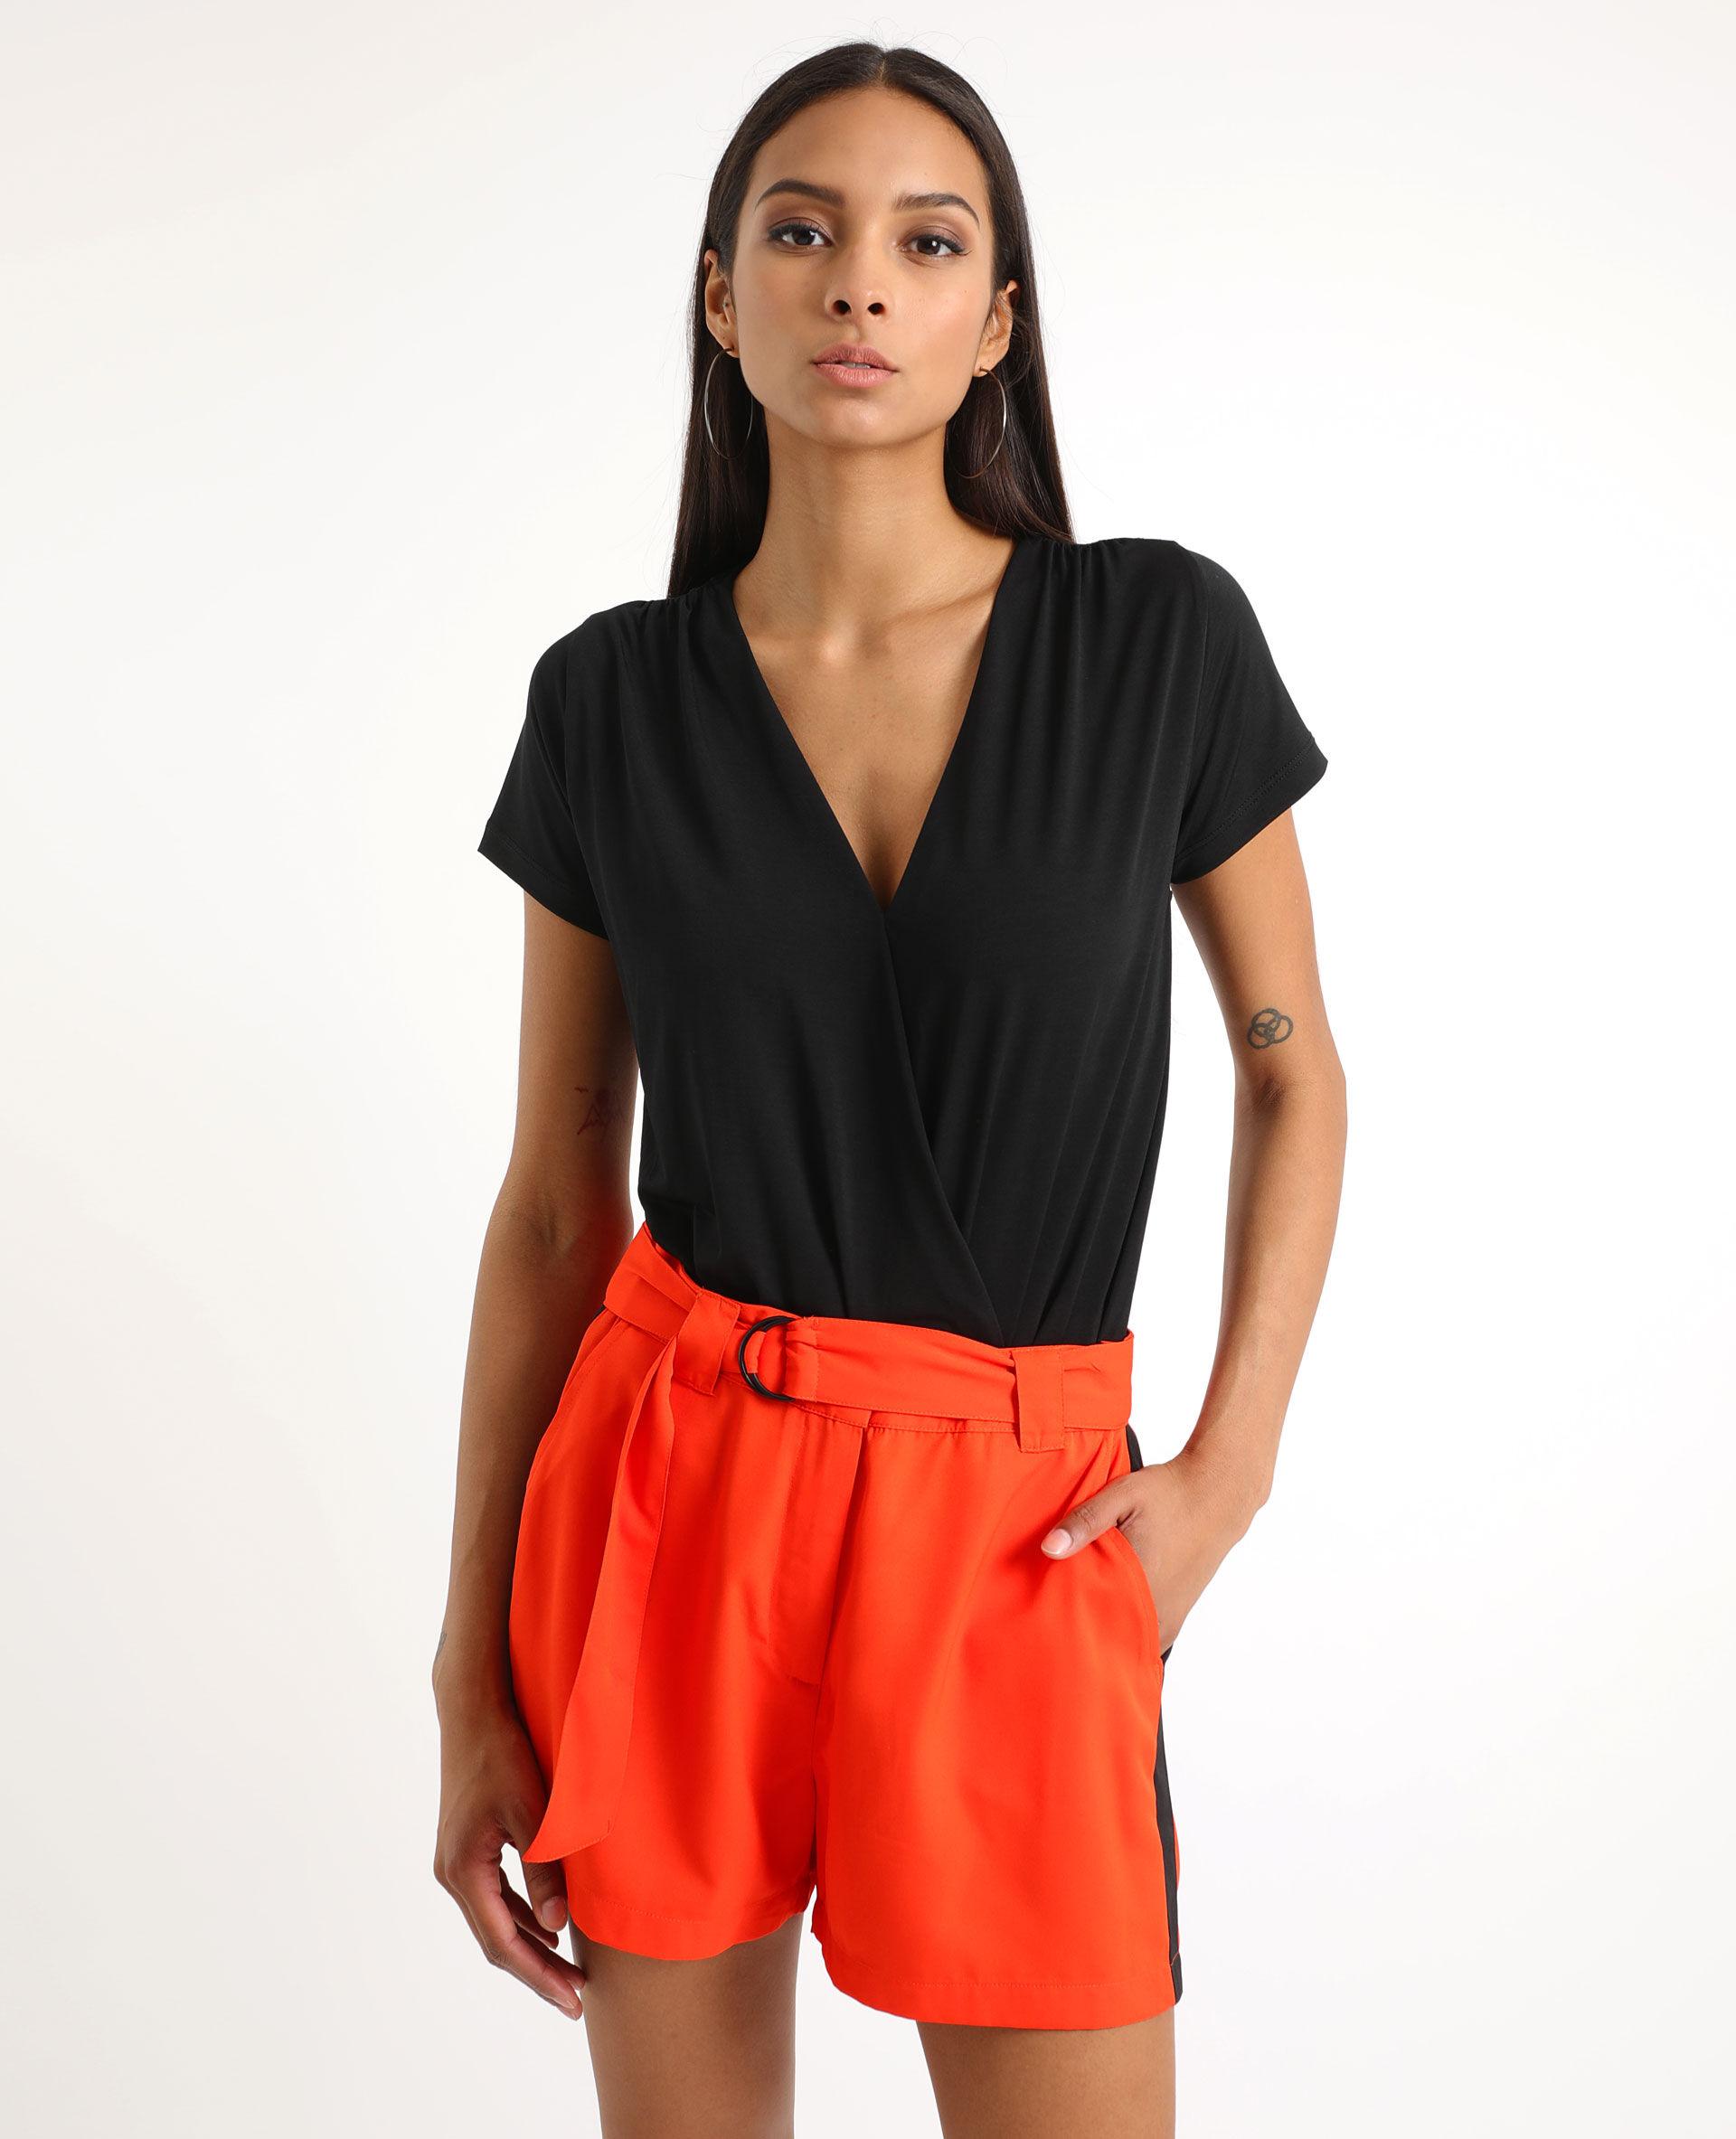 Body à manches courtes Femme - Couleur noir - Taille XS - PIMKIE - MODE FEMME